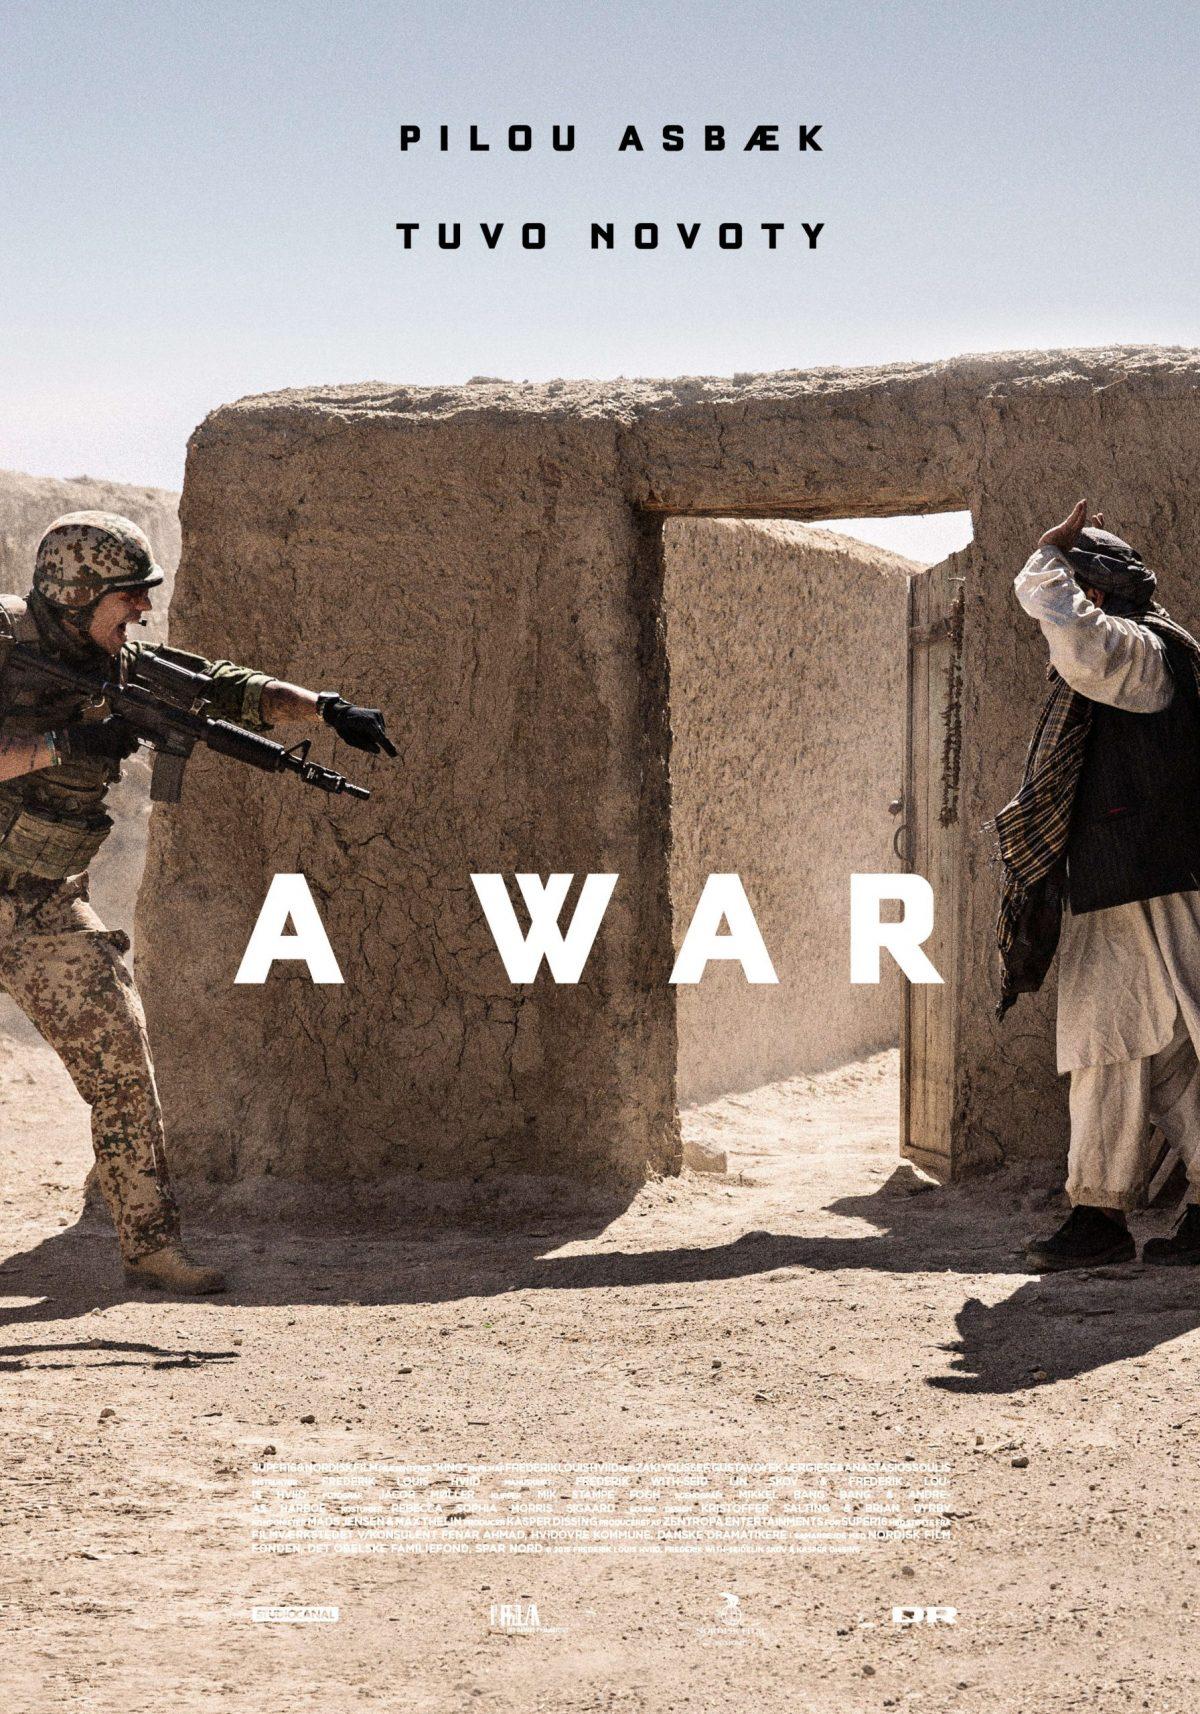 awar_1